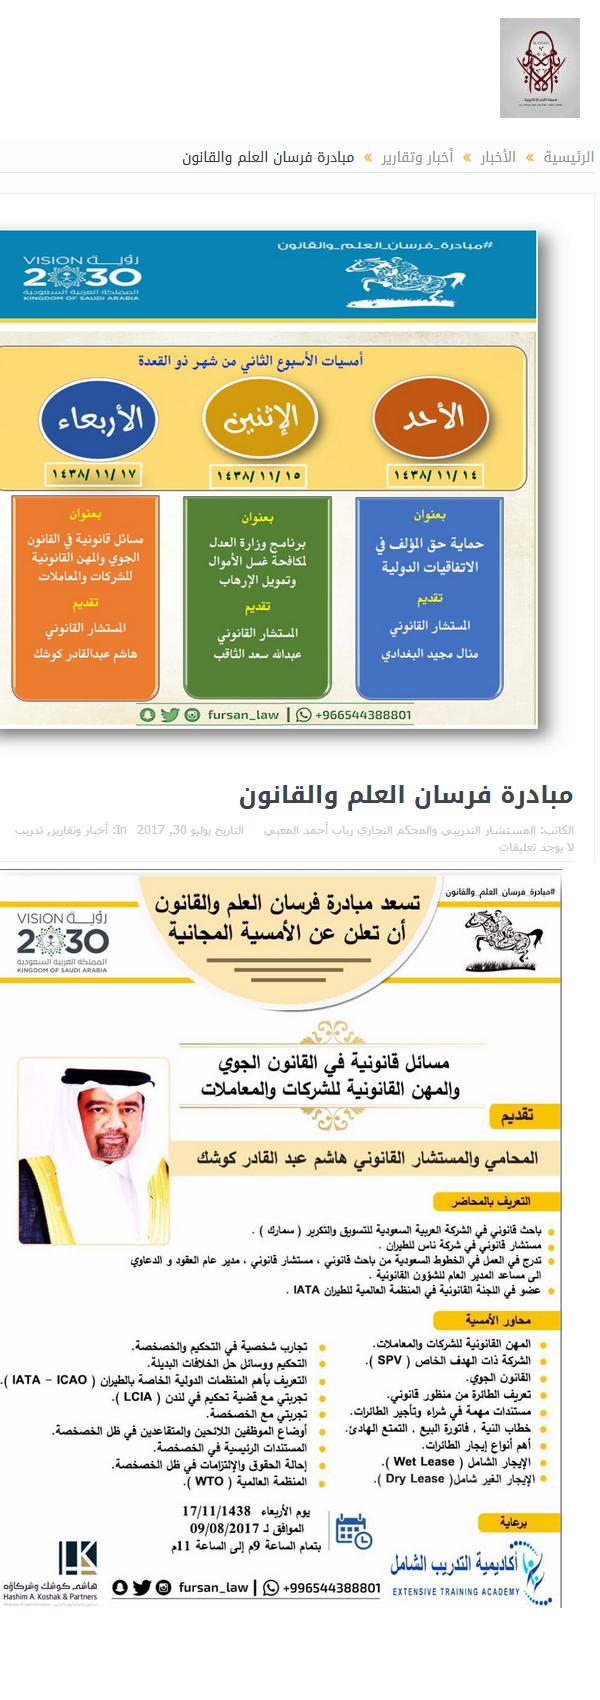 صحيفة الايام تنشر مبادرة فرسان